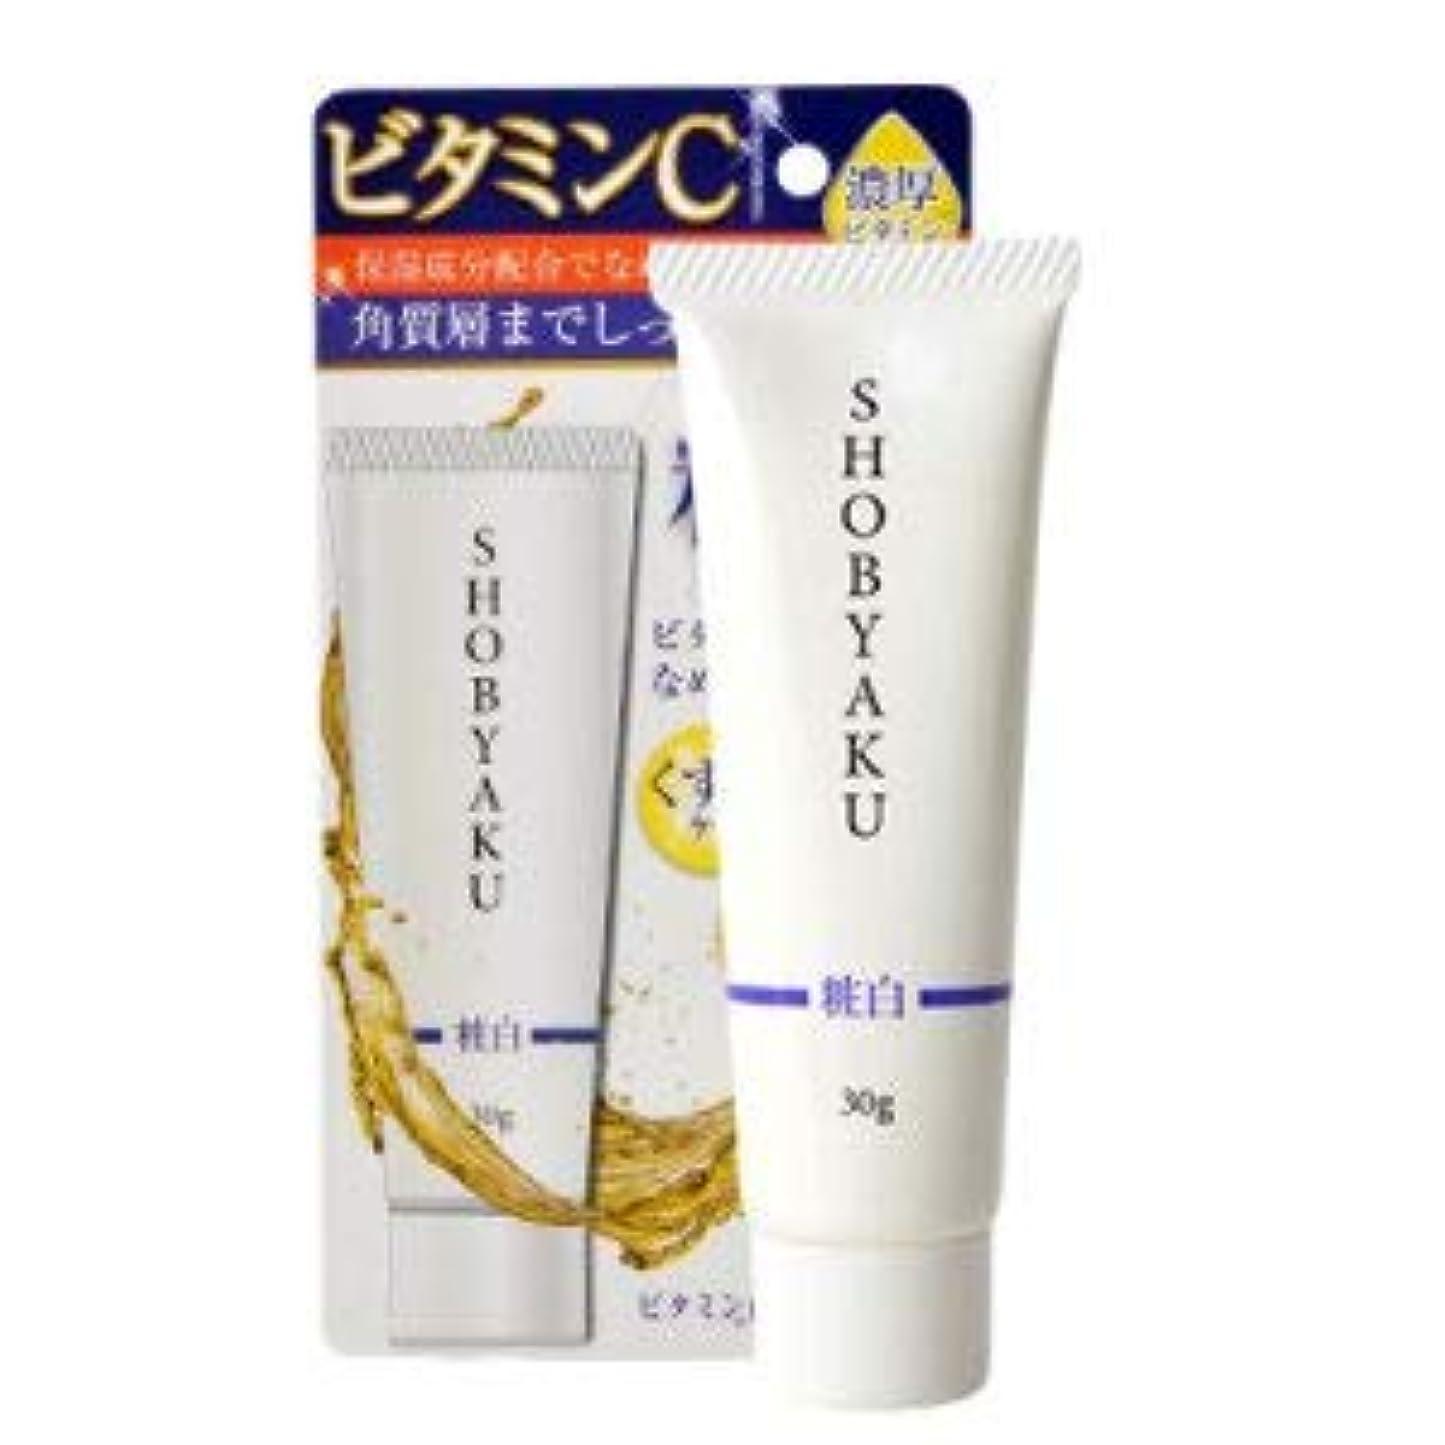 デッキボウリング卒業粧白ビタミン配合クリーム